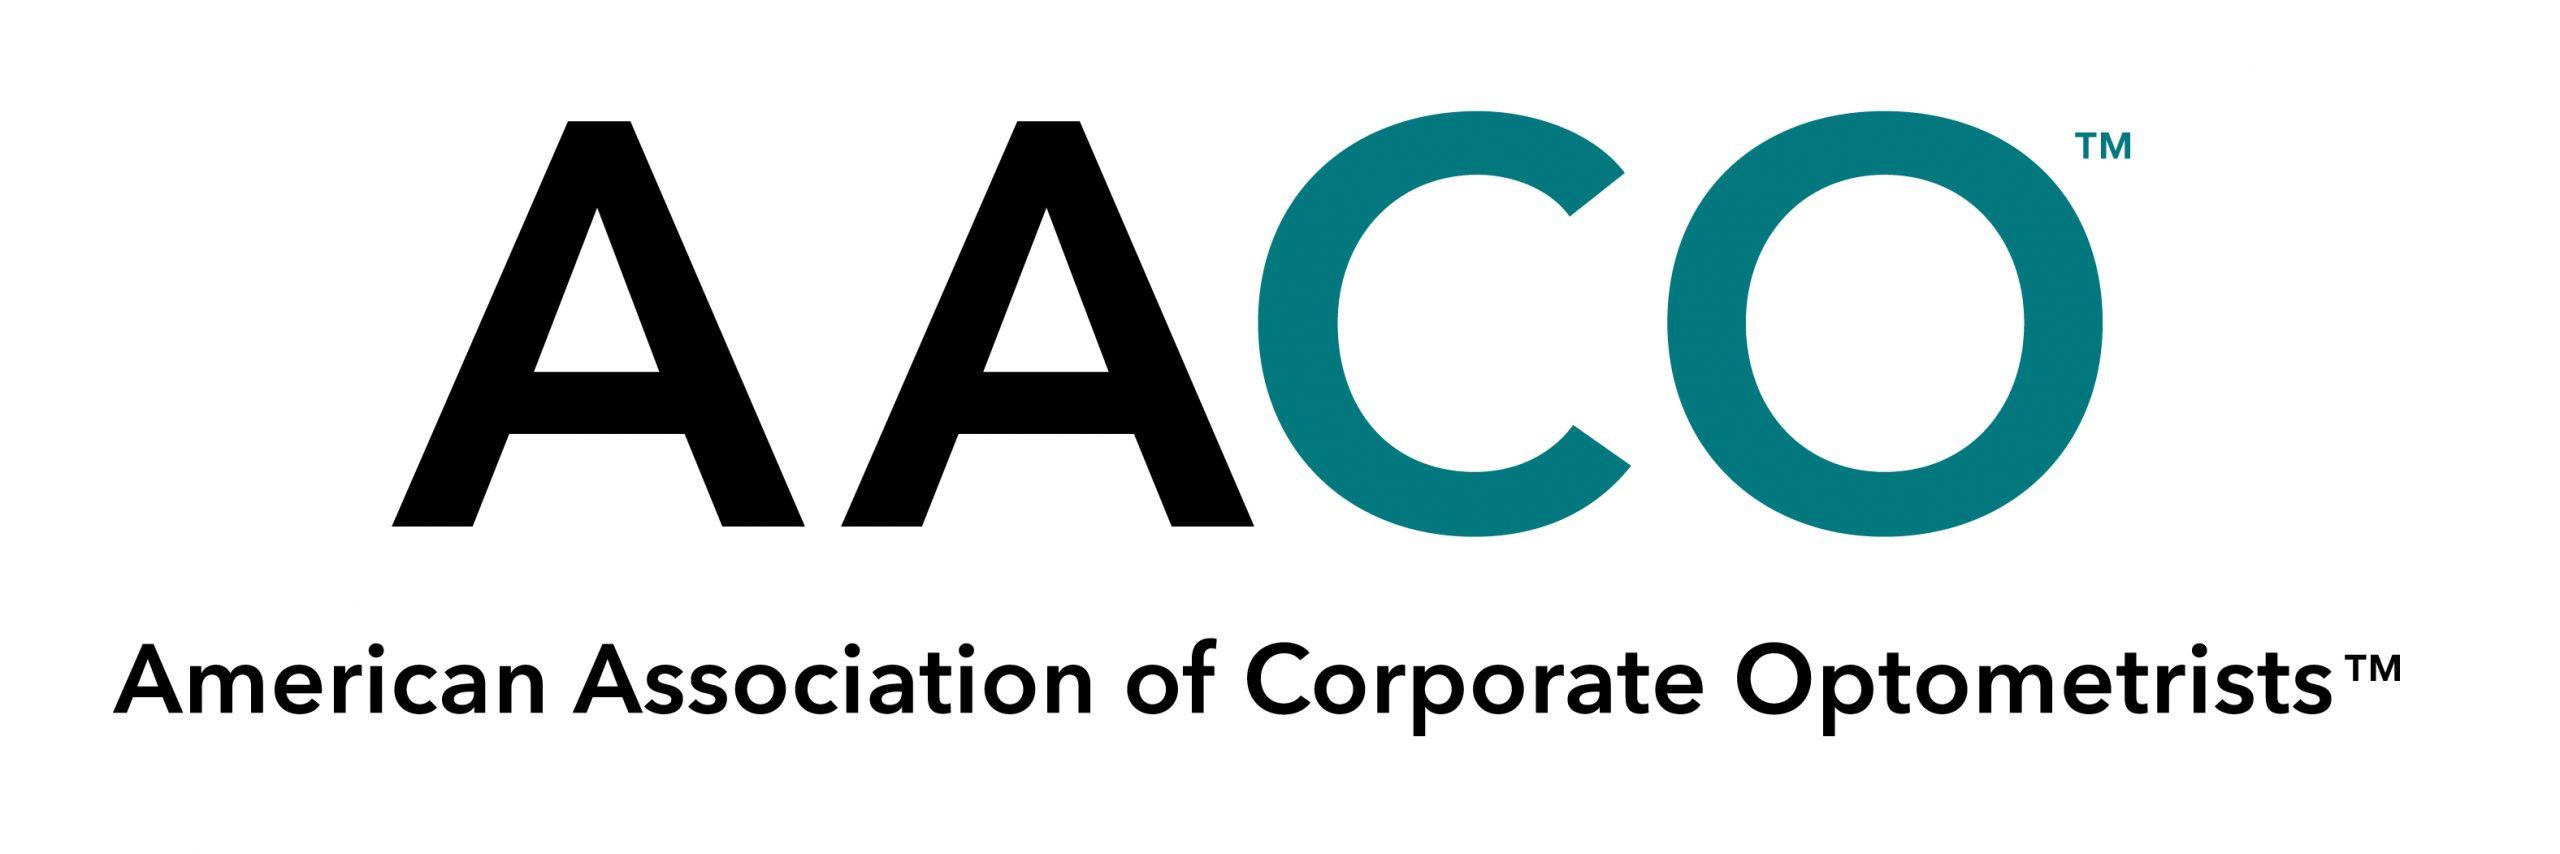 AACO Logo on White